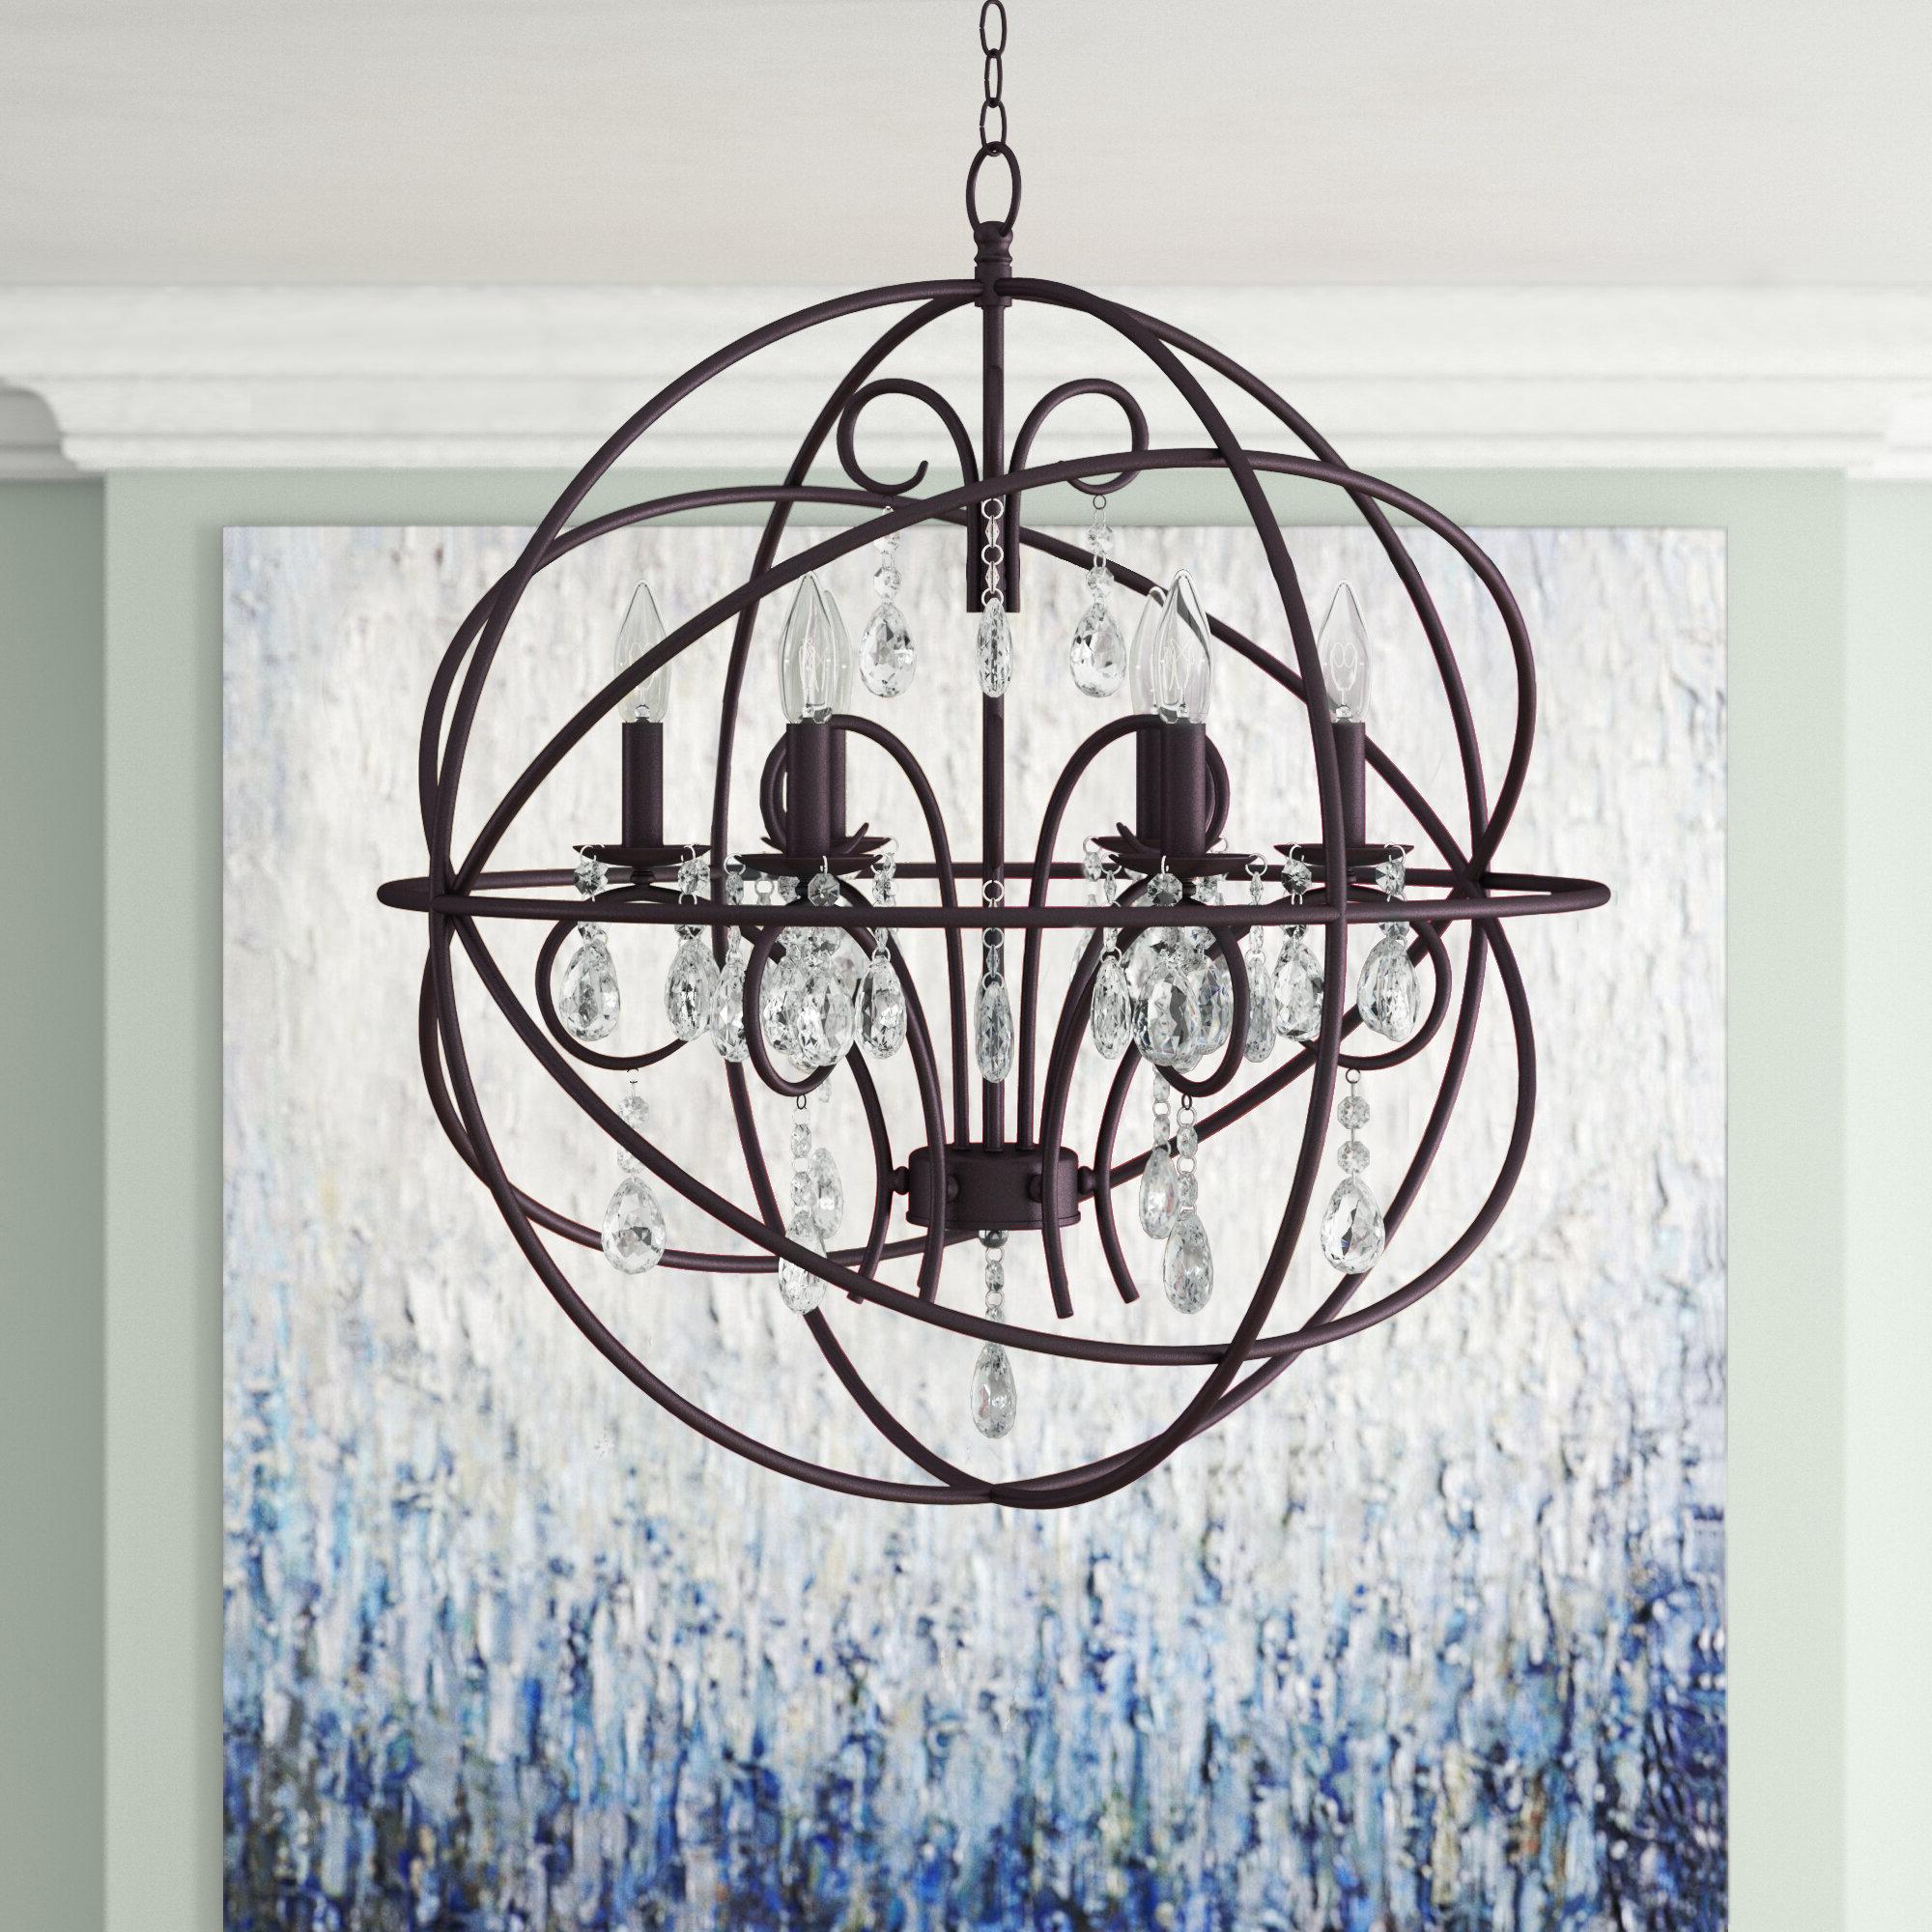 Current Gregoire 6 Light Globe Chandeliers In Willa Arlo Interiors Alden 6 Light Globe Chandelier (View 3 of 25)